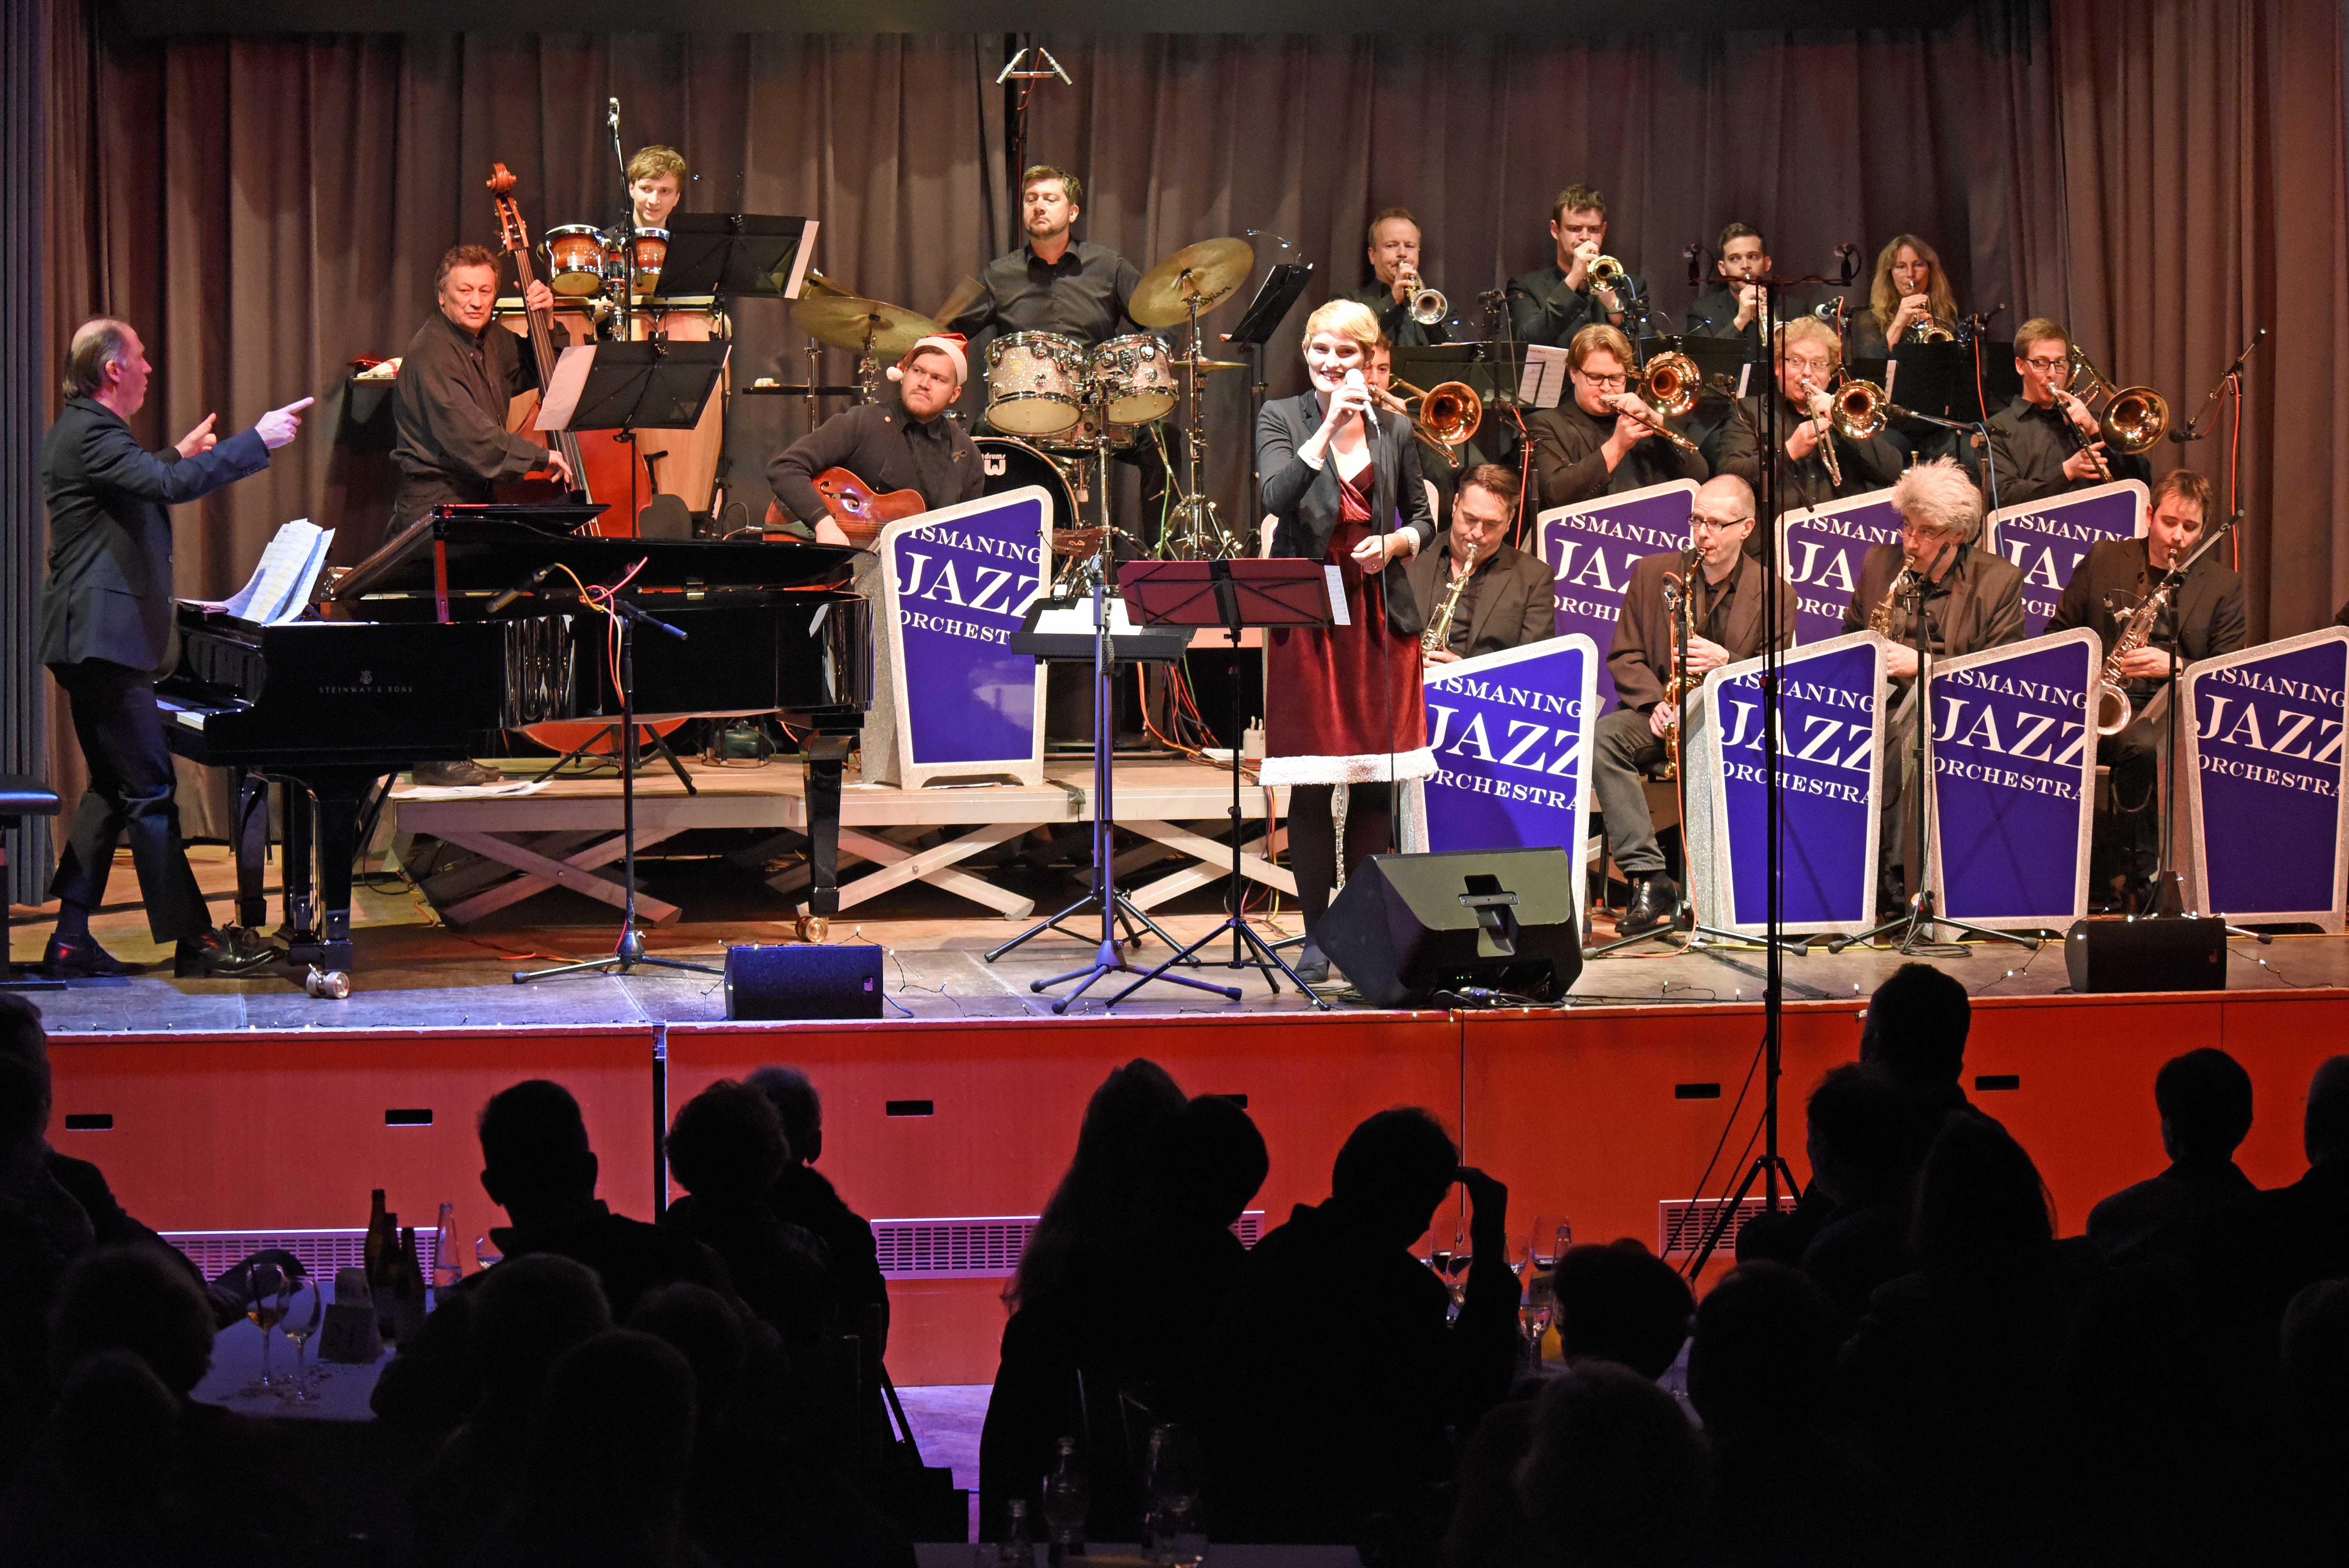 Ismaning Jazz Orchestra